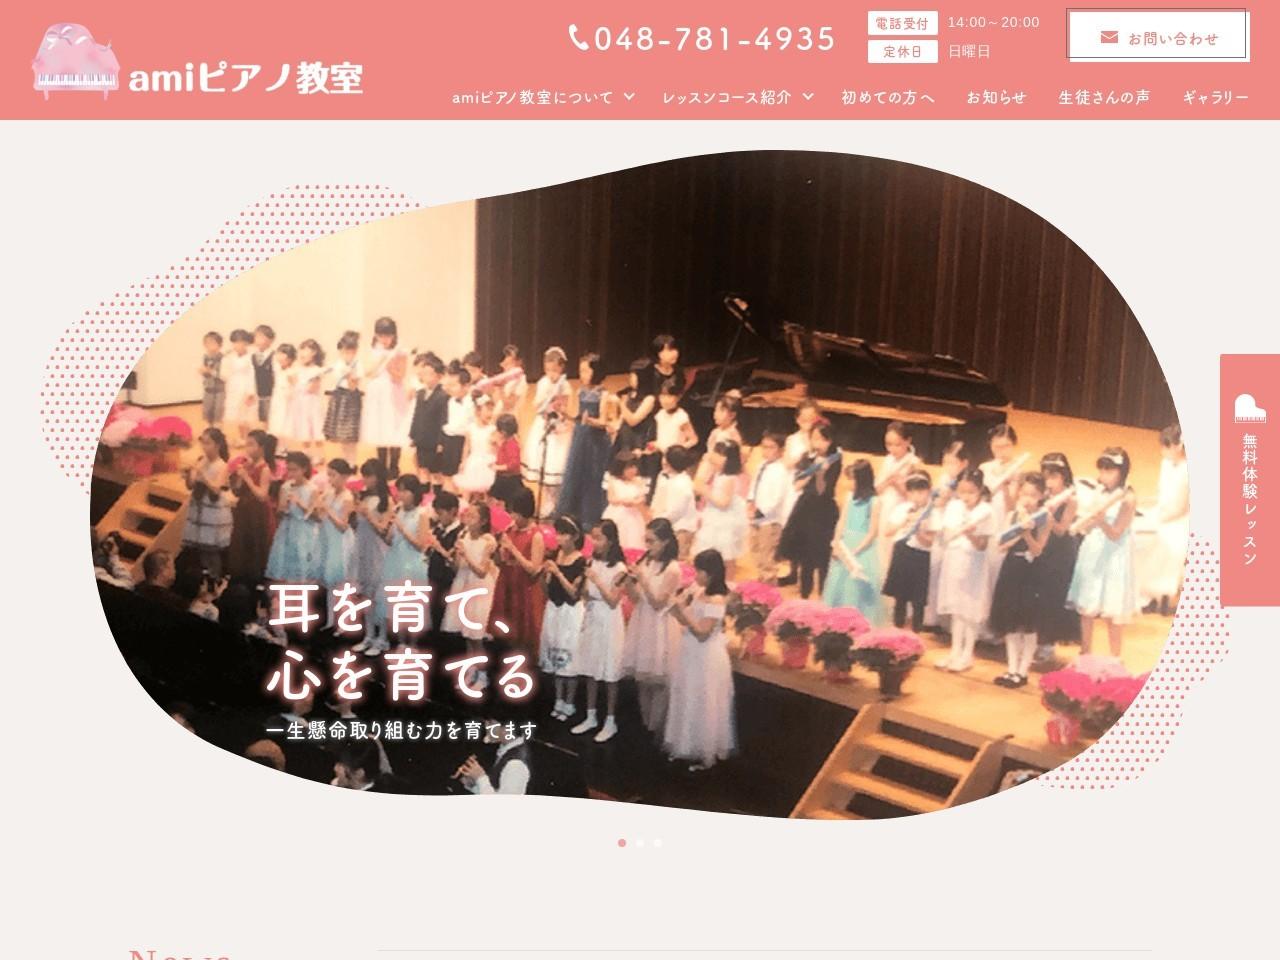 Amiピアノ教室のサムネイル